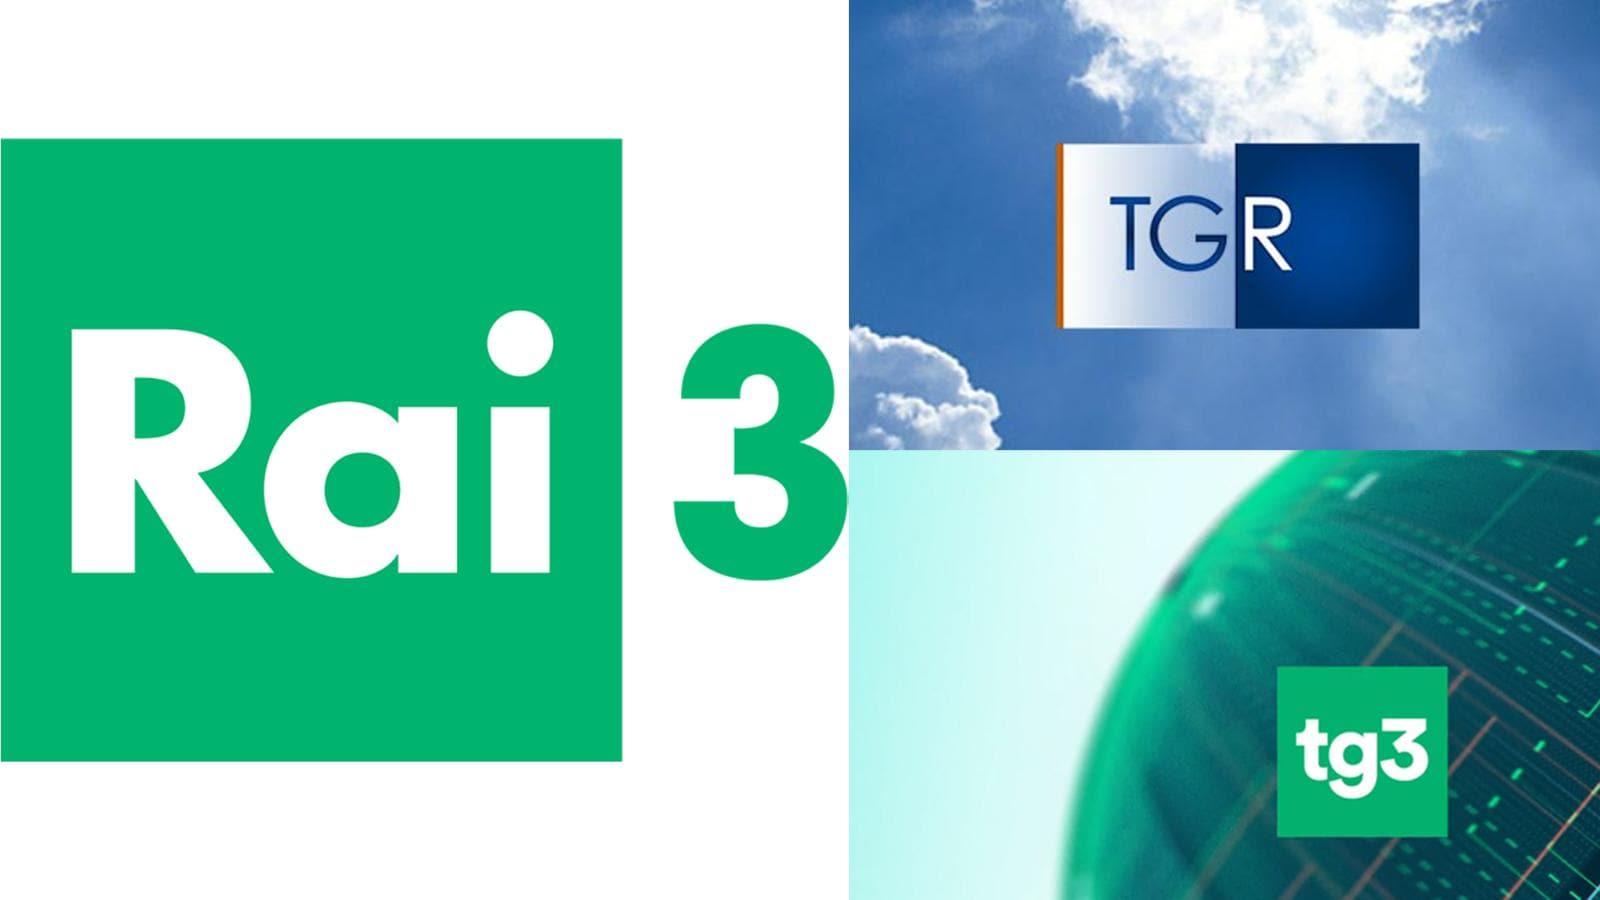 Rai3, Tg3 e Tgr compiono 40 anni - RAI Ufficio Stampa